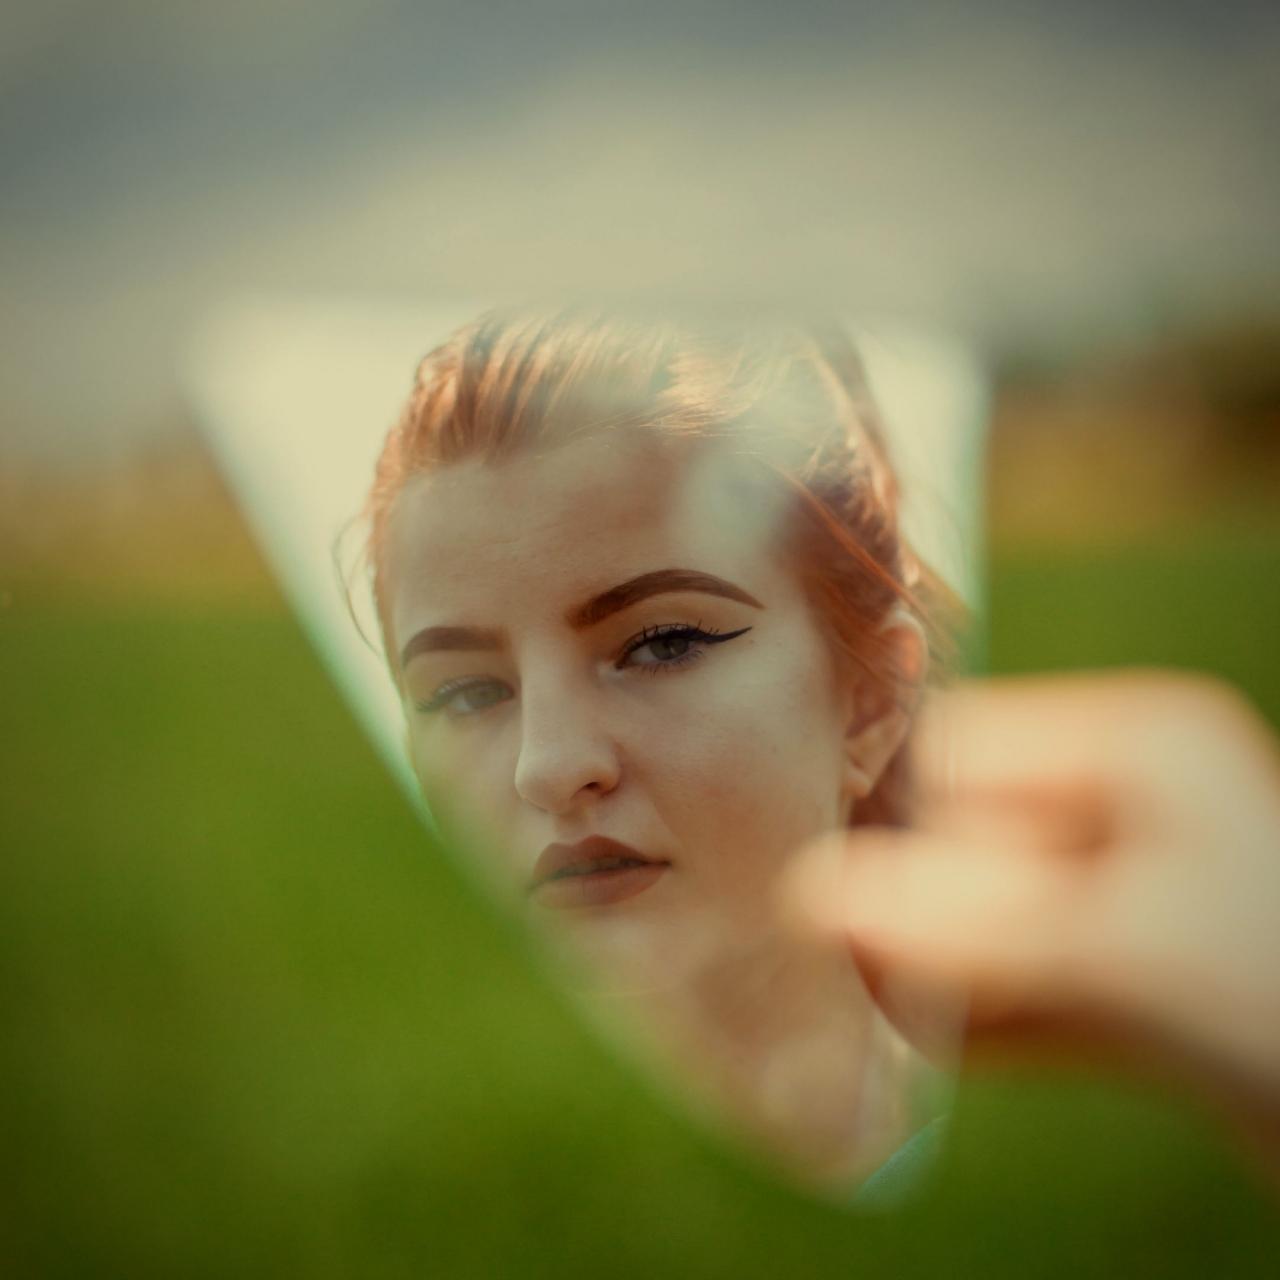 Foto do reflexo de mulher séria em um pedaço de espelho. Ela é ruiva e está com os cabelos presos para trás. Ao redor, toda a imagem está desfocada.